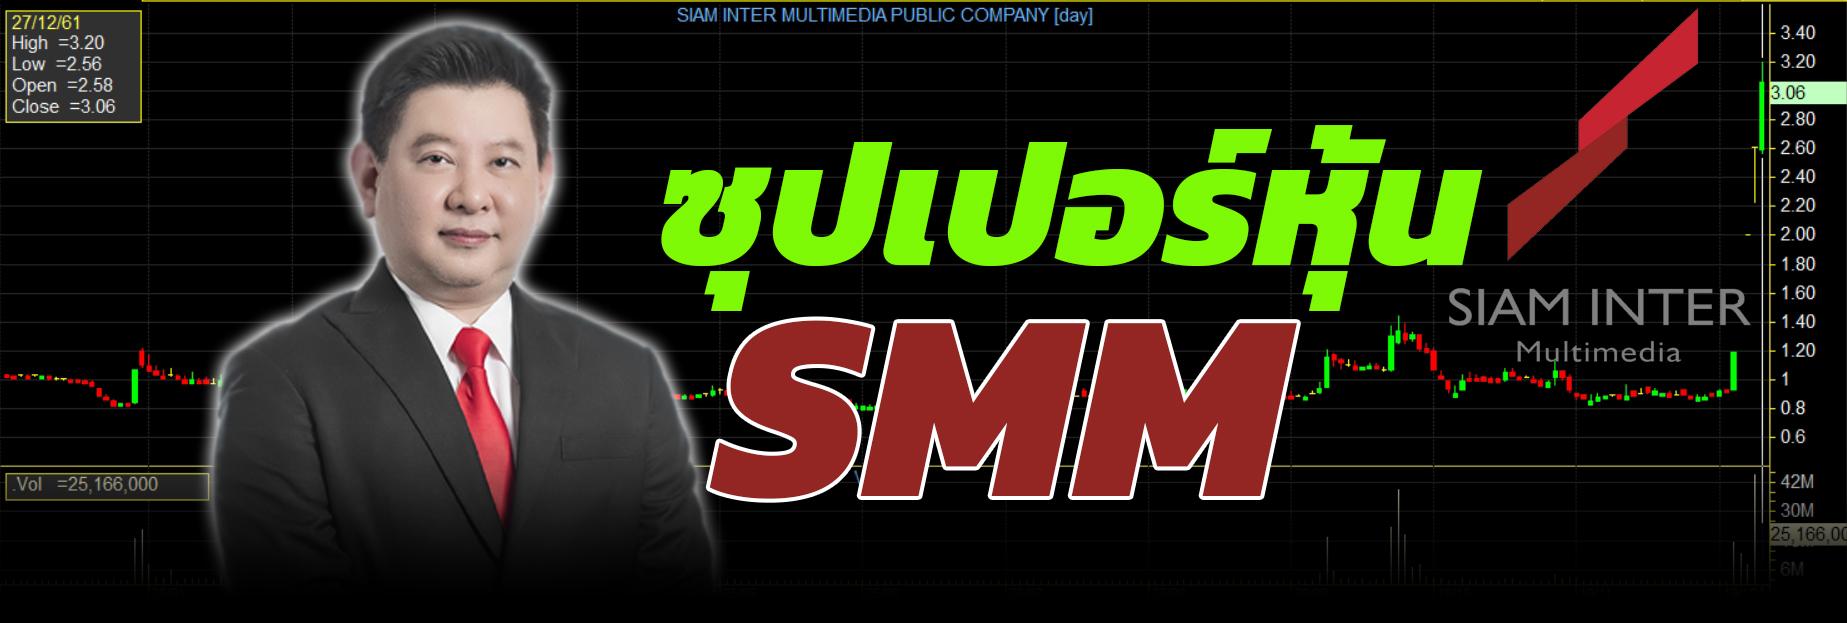 ซุปเปอร์หุ้น SMM / สุนันท์ ศรีจันทรา